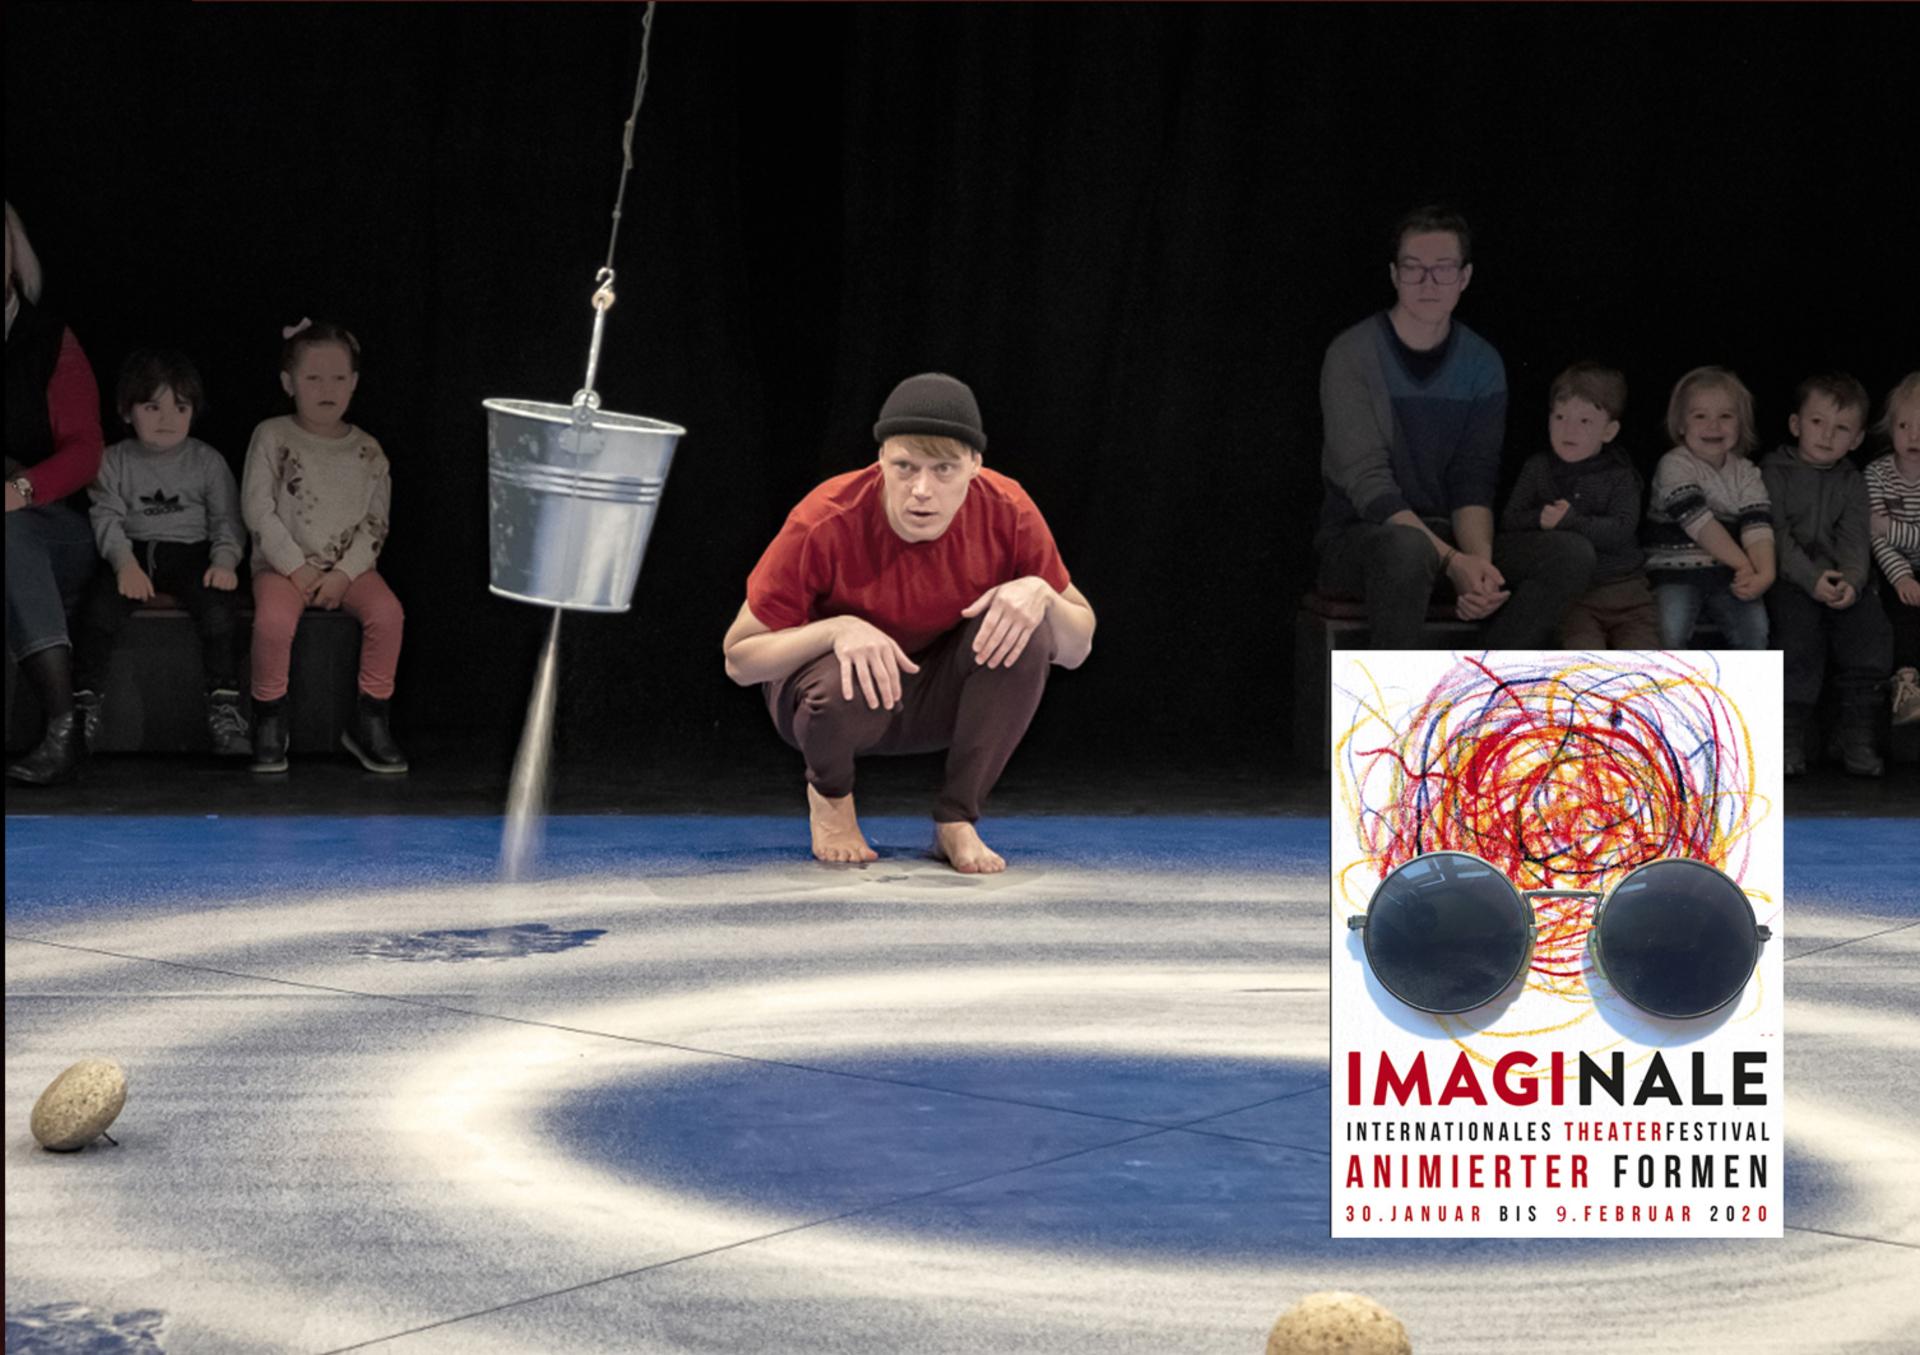 ▷ Kreise - IMAGINALE 2020 - Eppingen.org